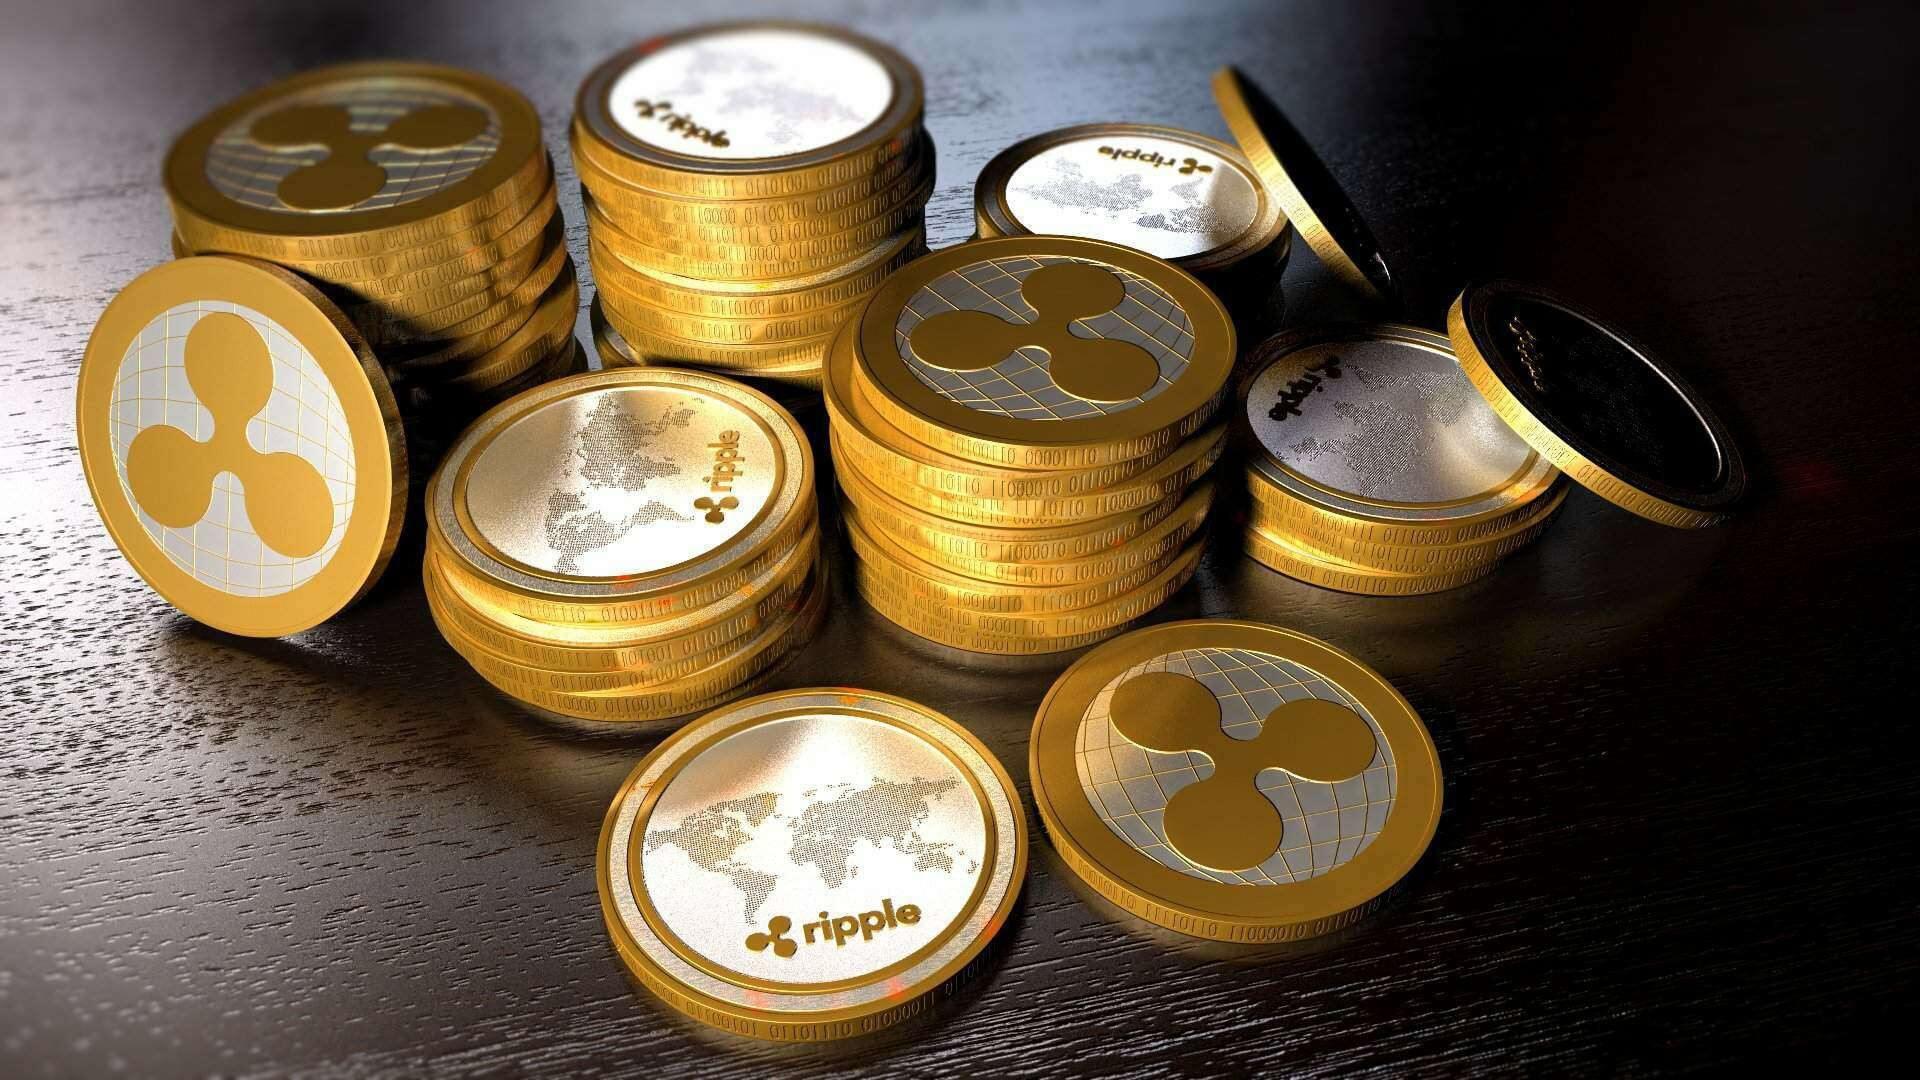 كوريا الجنوبية تضاعف قيمة عملة Ripple في أسبوع واحد 2